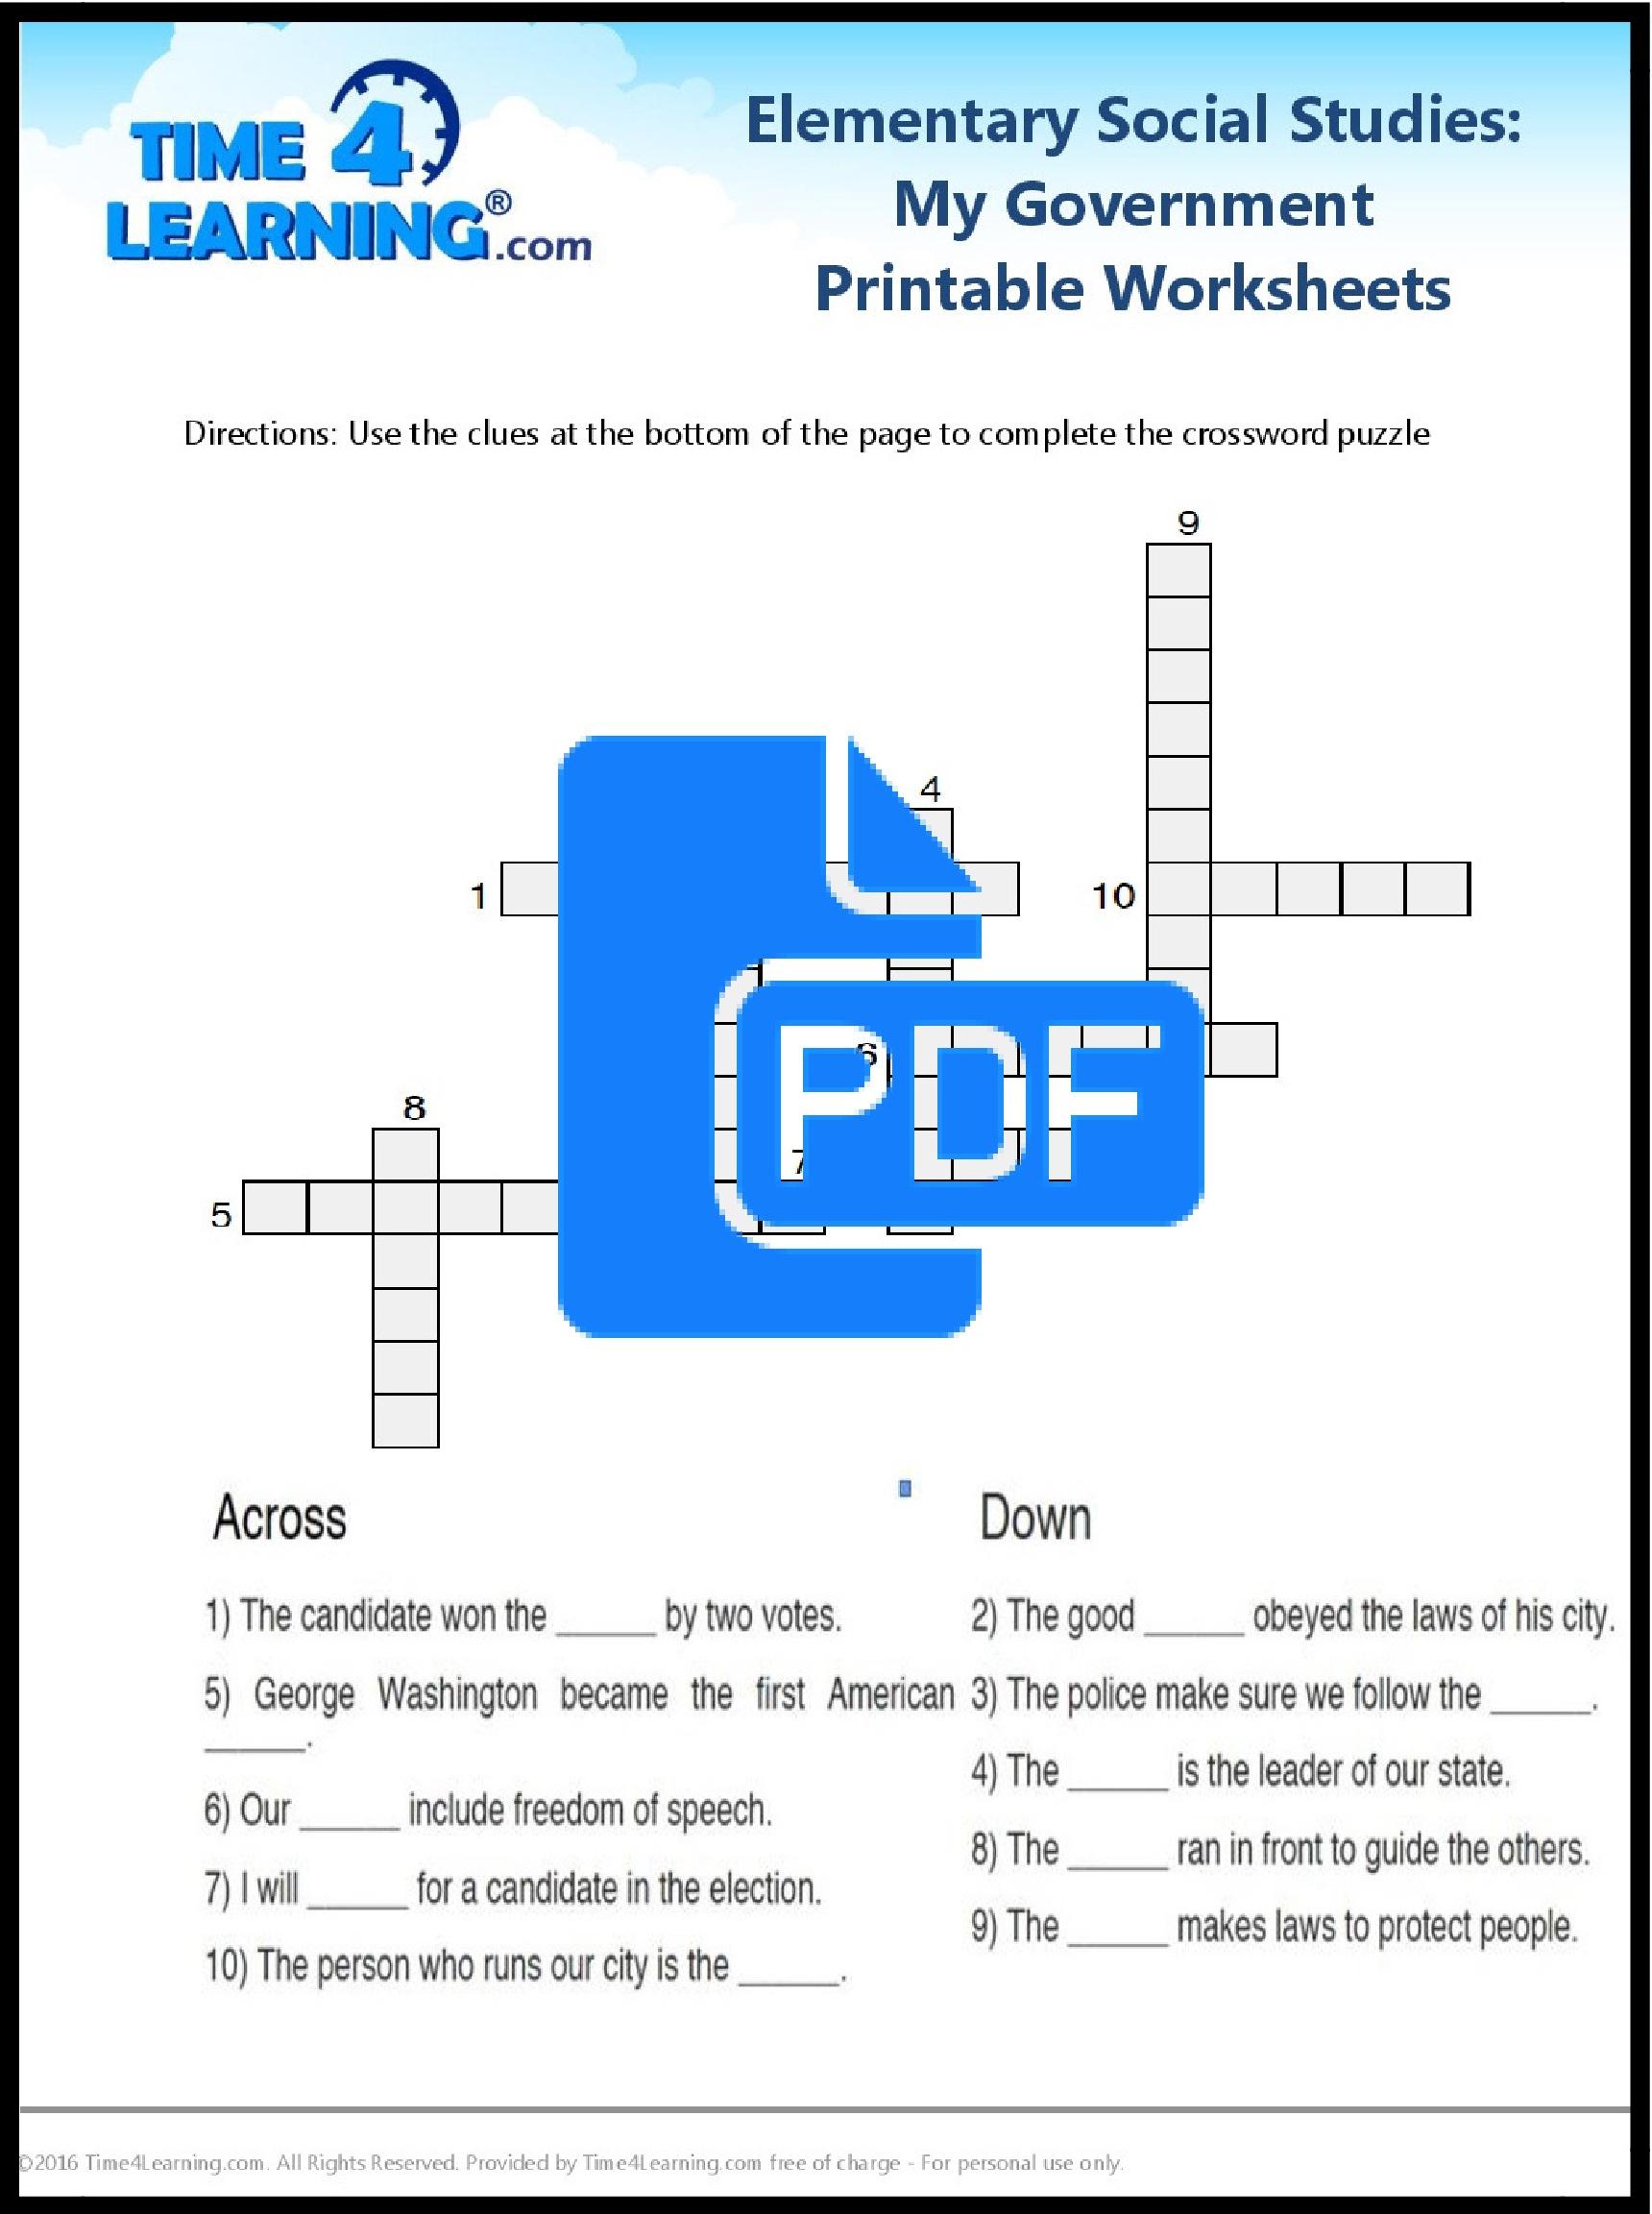 Free Printable: Elementary Social Studies Worksheet | Time4Learning | Free Printable Social Studies Worksheets For 1St Grade